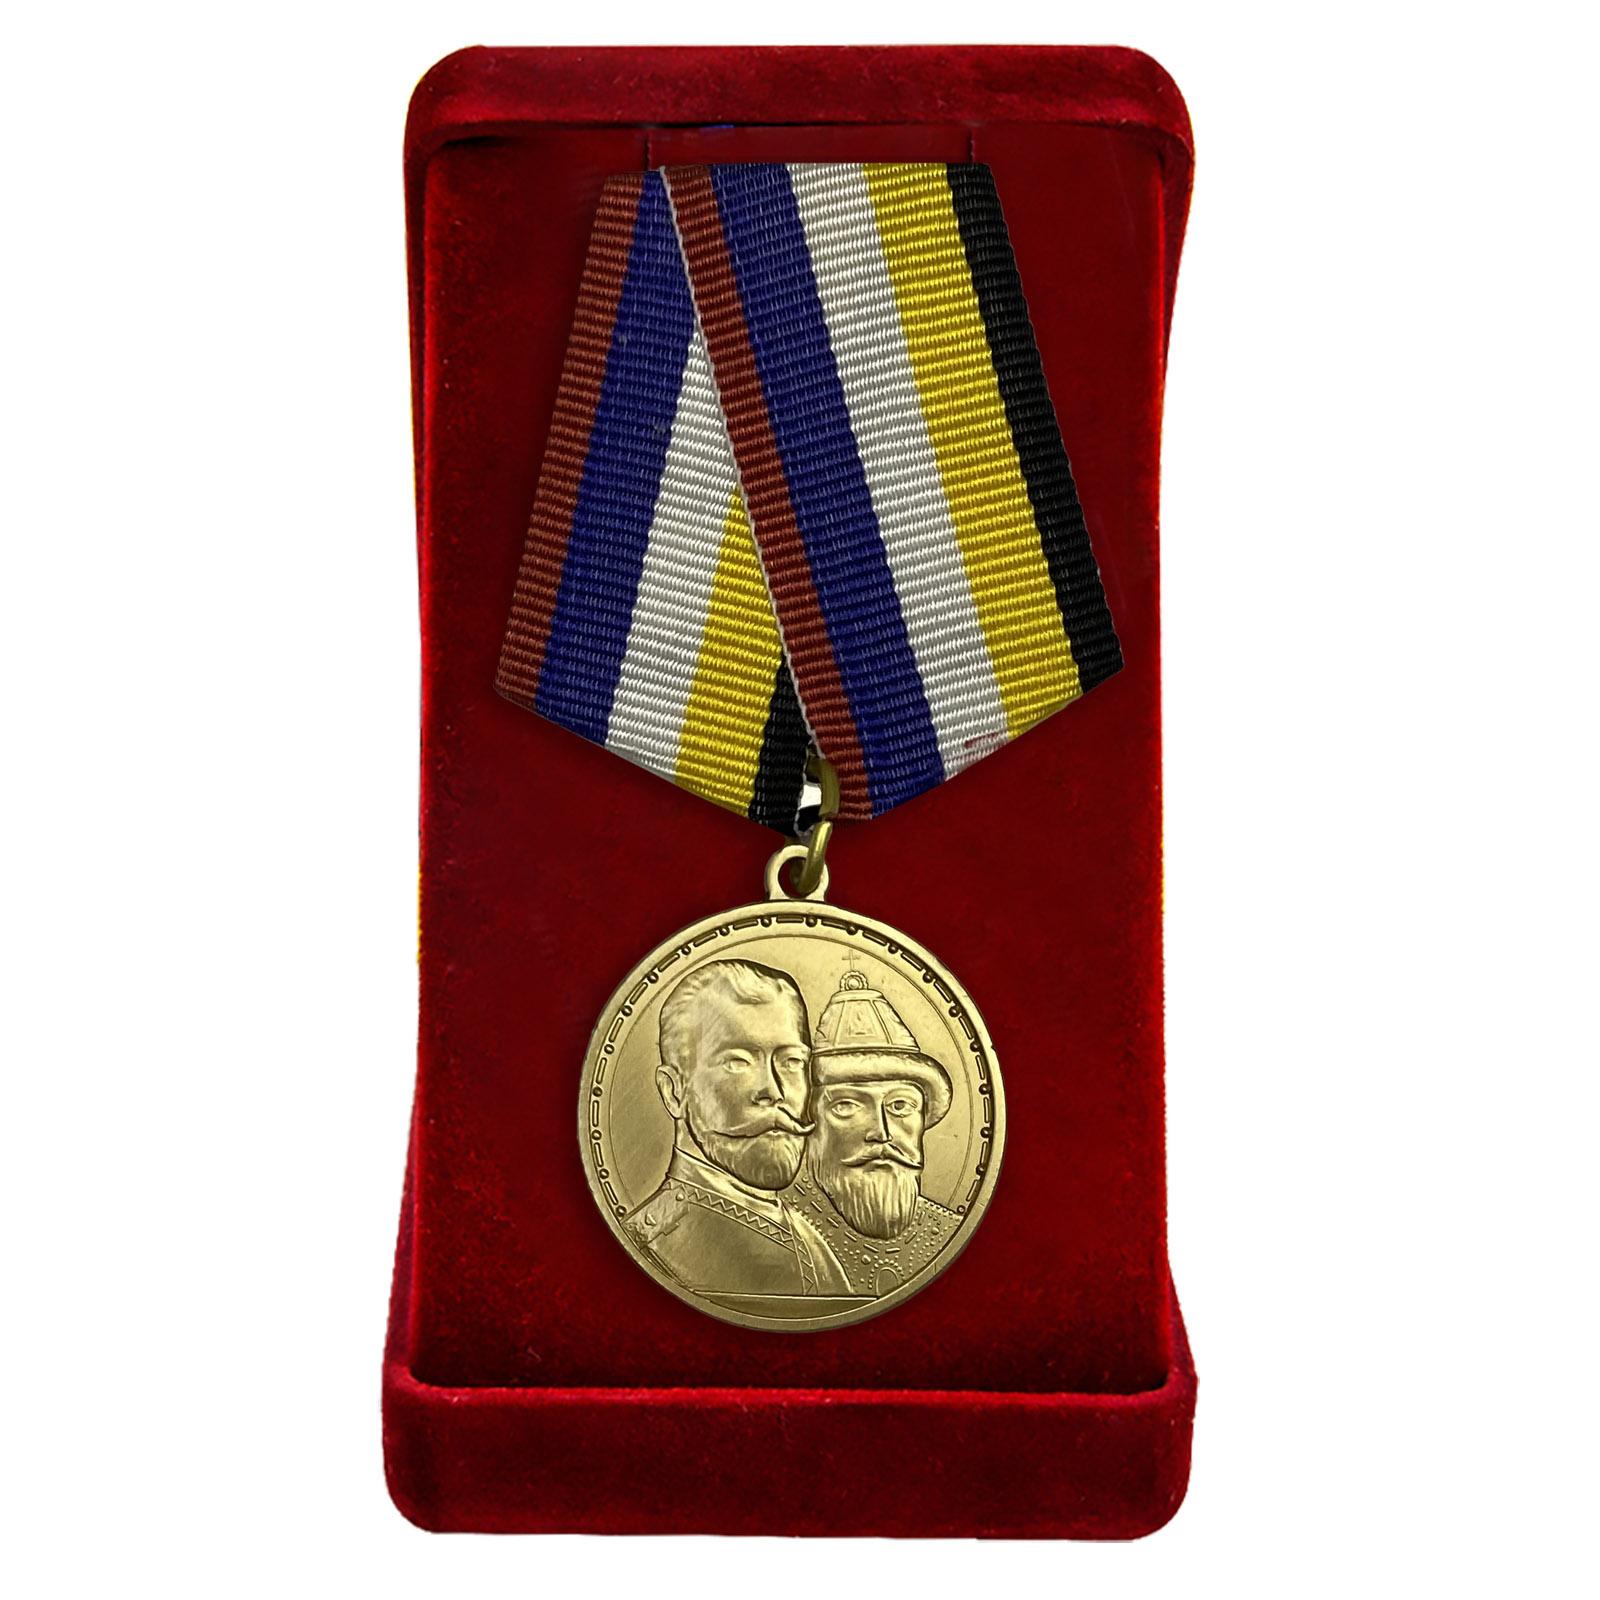 Купить памятную медаль 400 лет Дому Романовых онлайн с доставкой